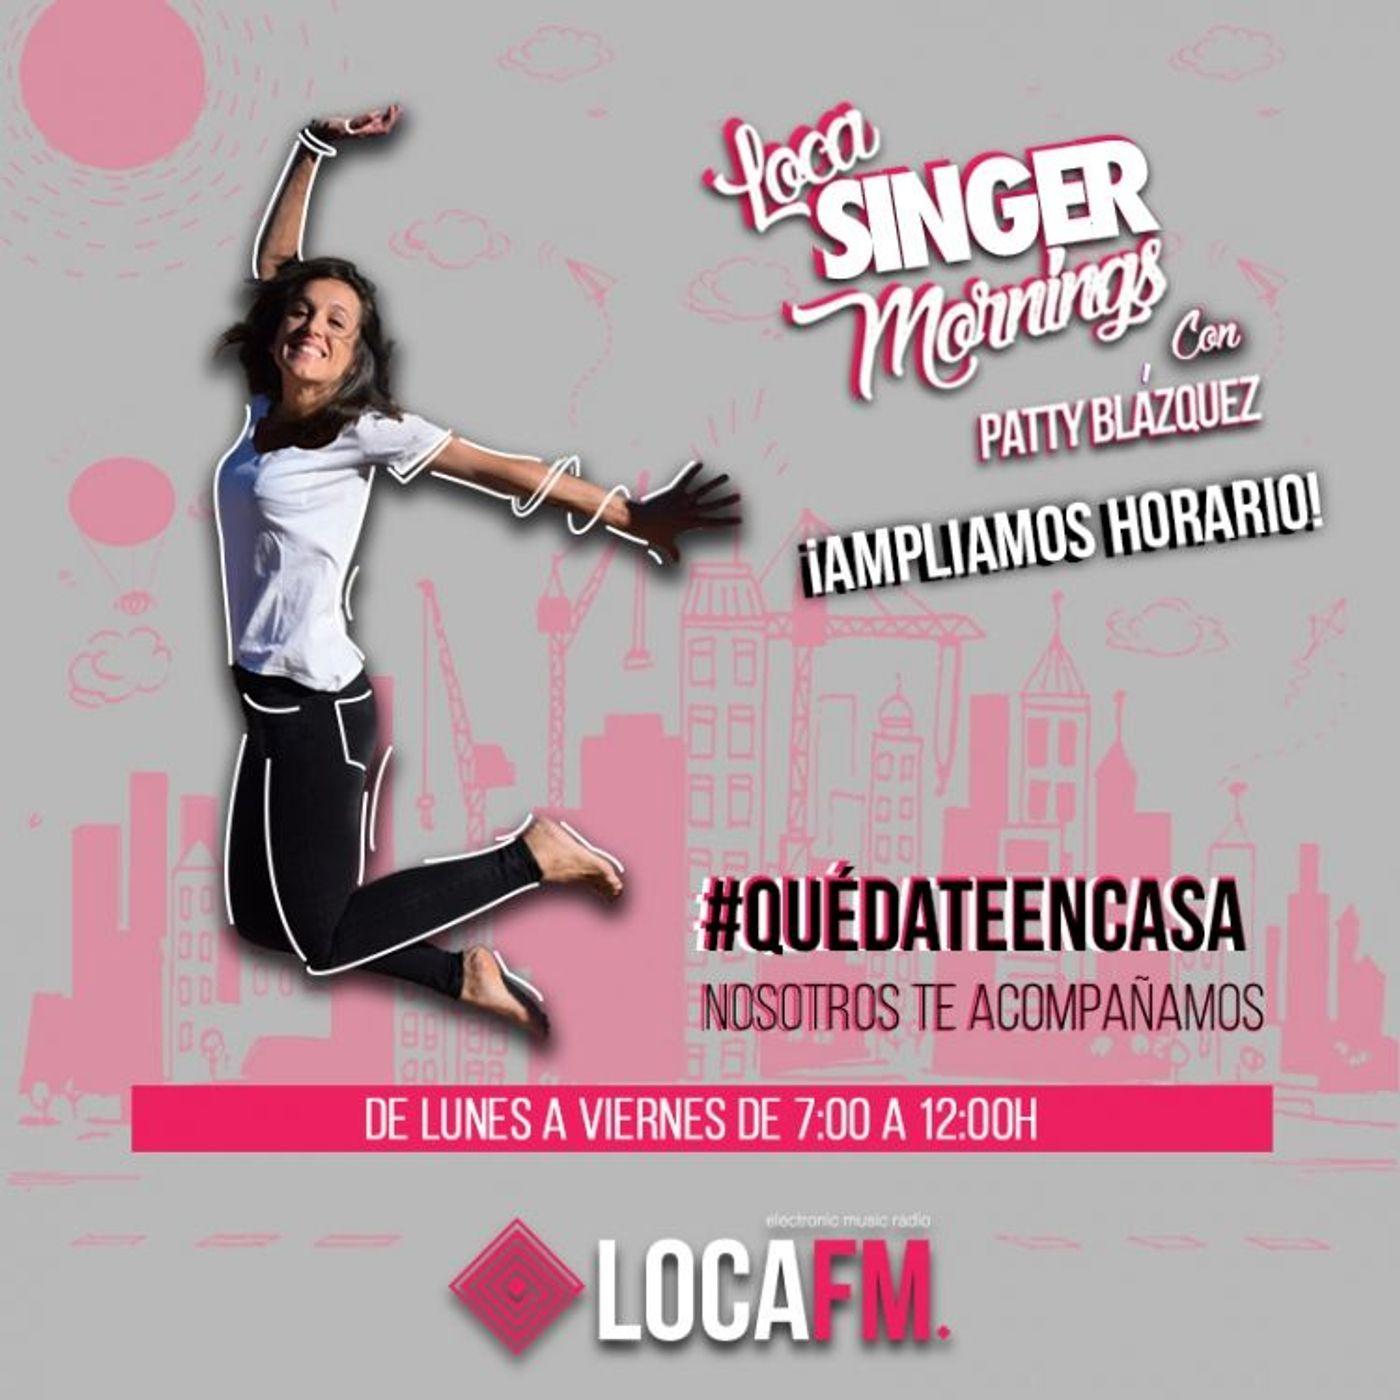 Loca FM Promo Re-Debut Party at Parc de la Pegaso ´2020